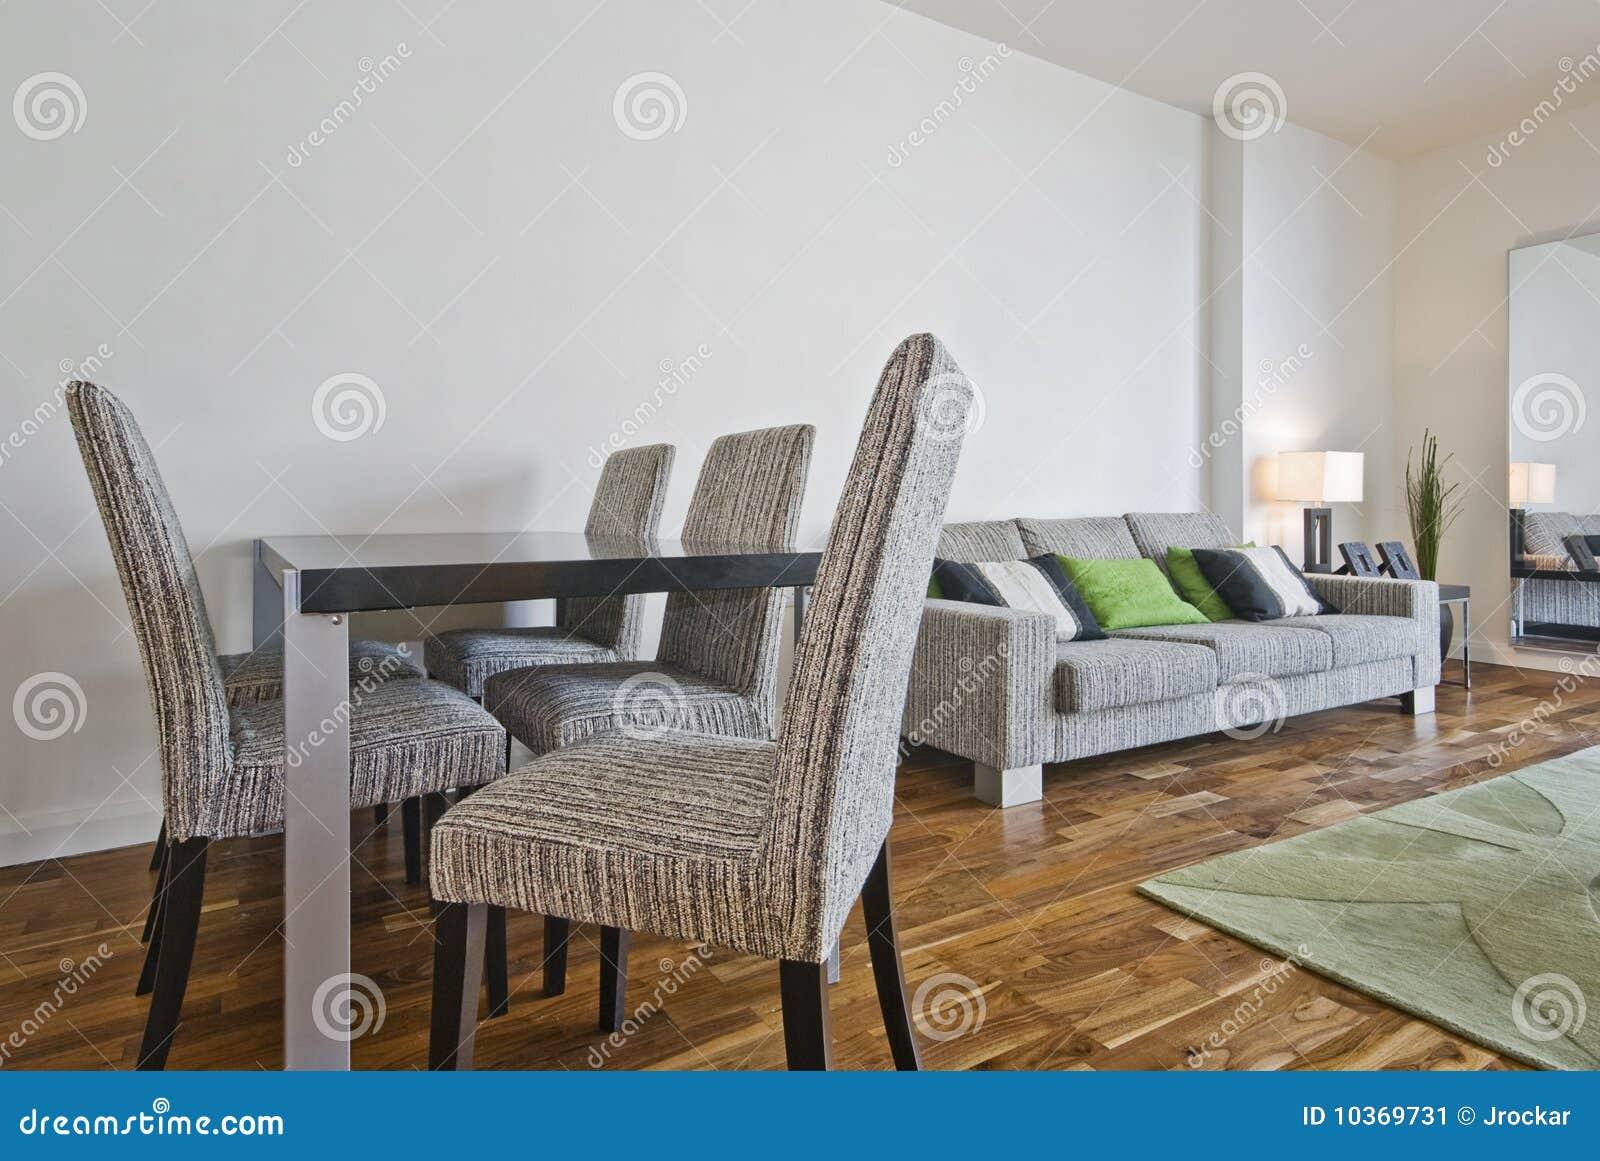 Woonkamer met eettafel stock afbeelding afbeelding 10369731 for Deco woonkamer moderne woonkamer